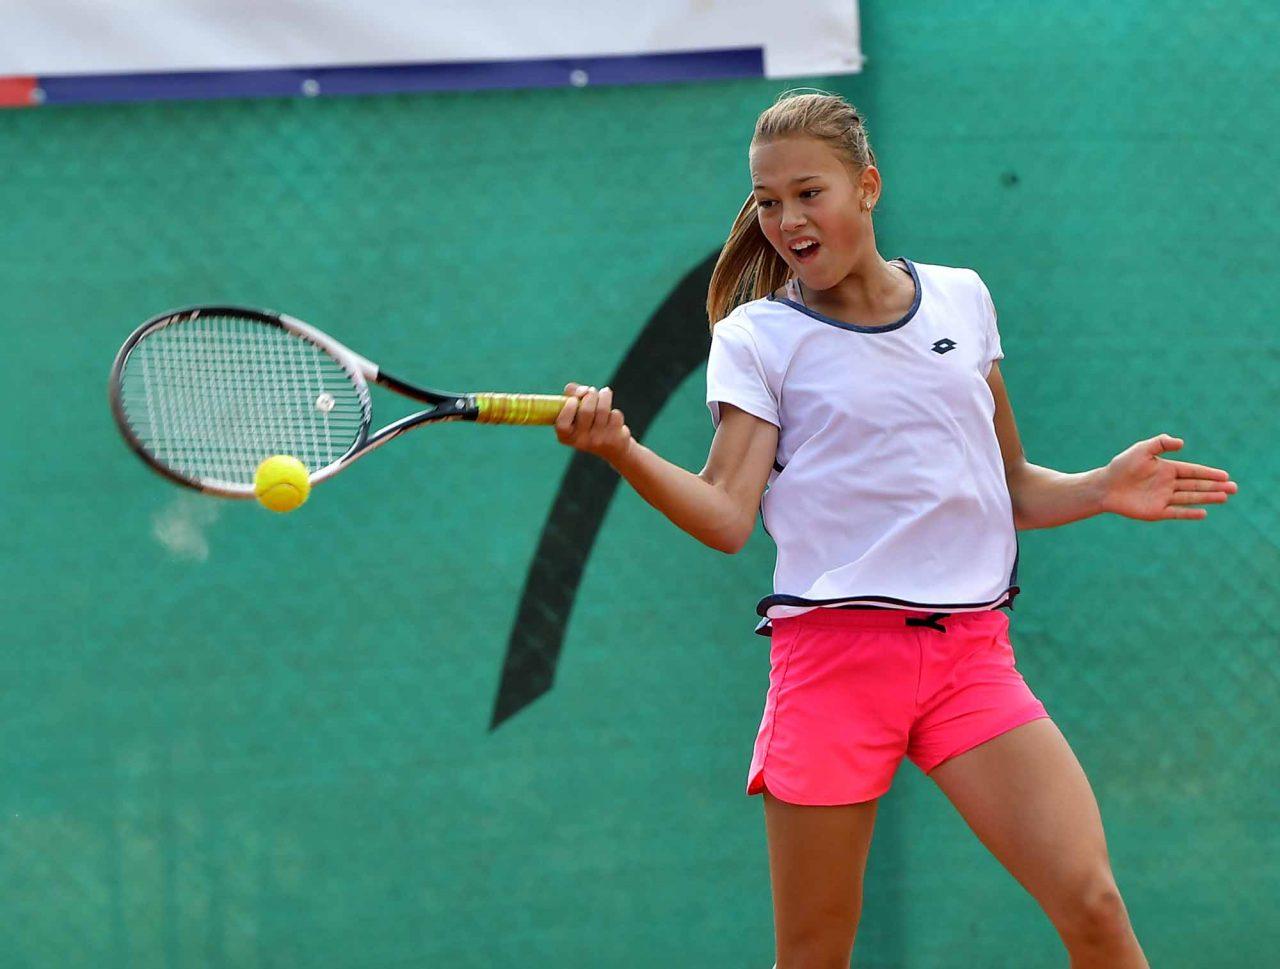 Държавно първенство тенис до 14 год. ТК 15-40 момичета (19)